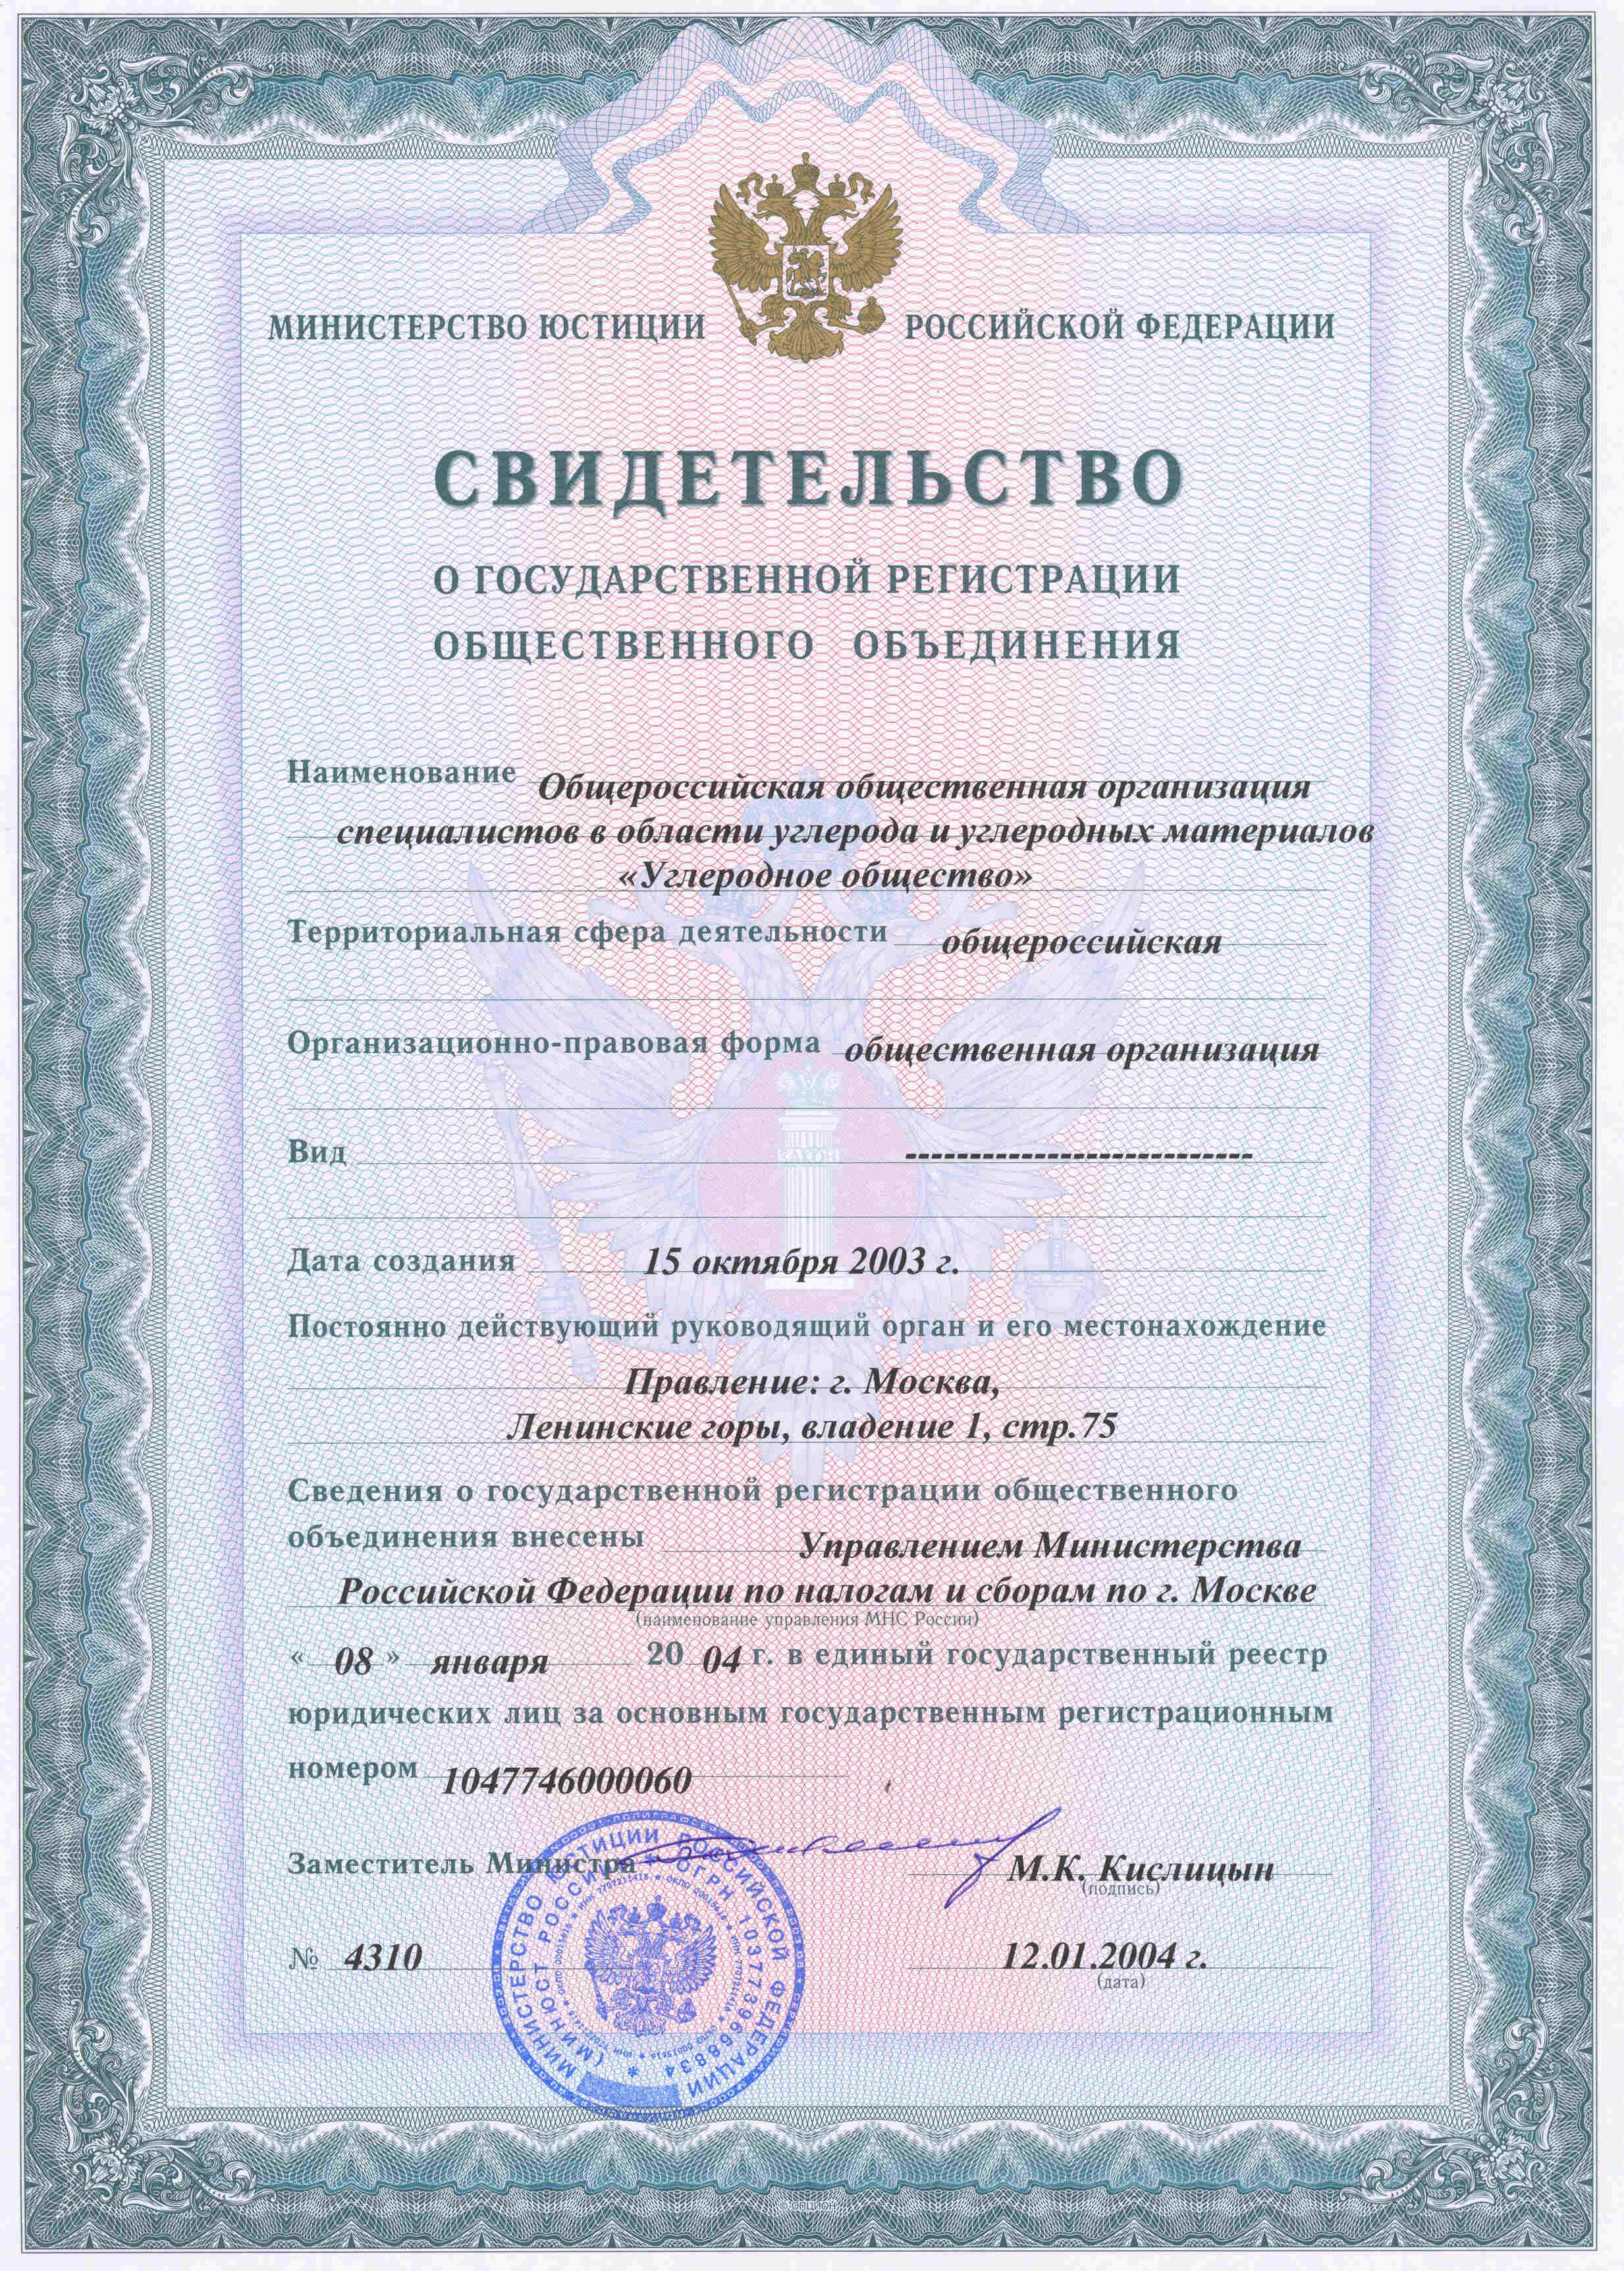 документы необходимые для регистрации общественной организации